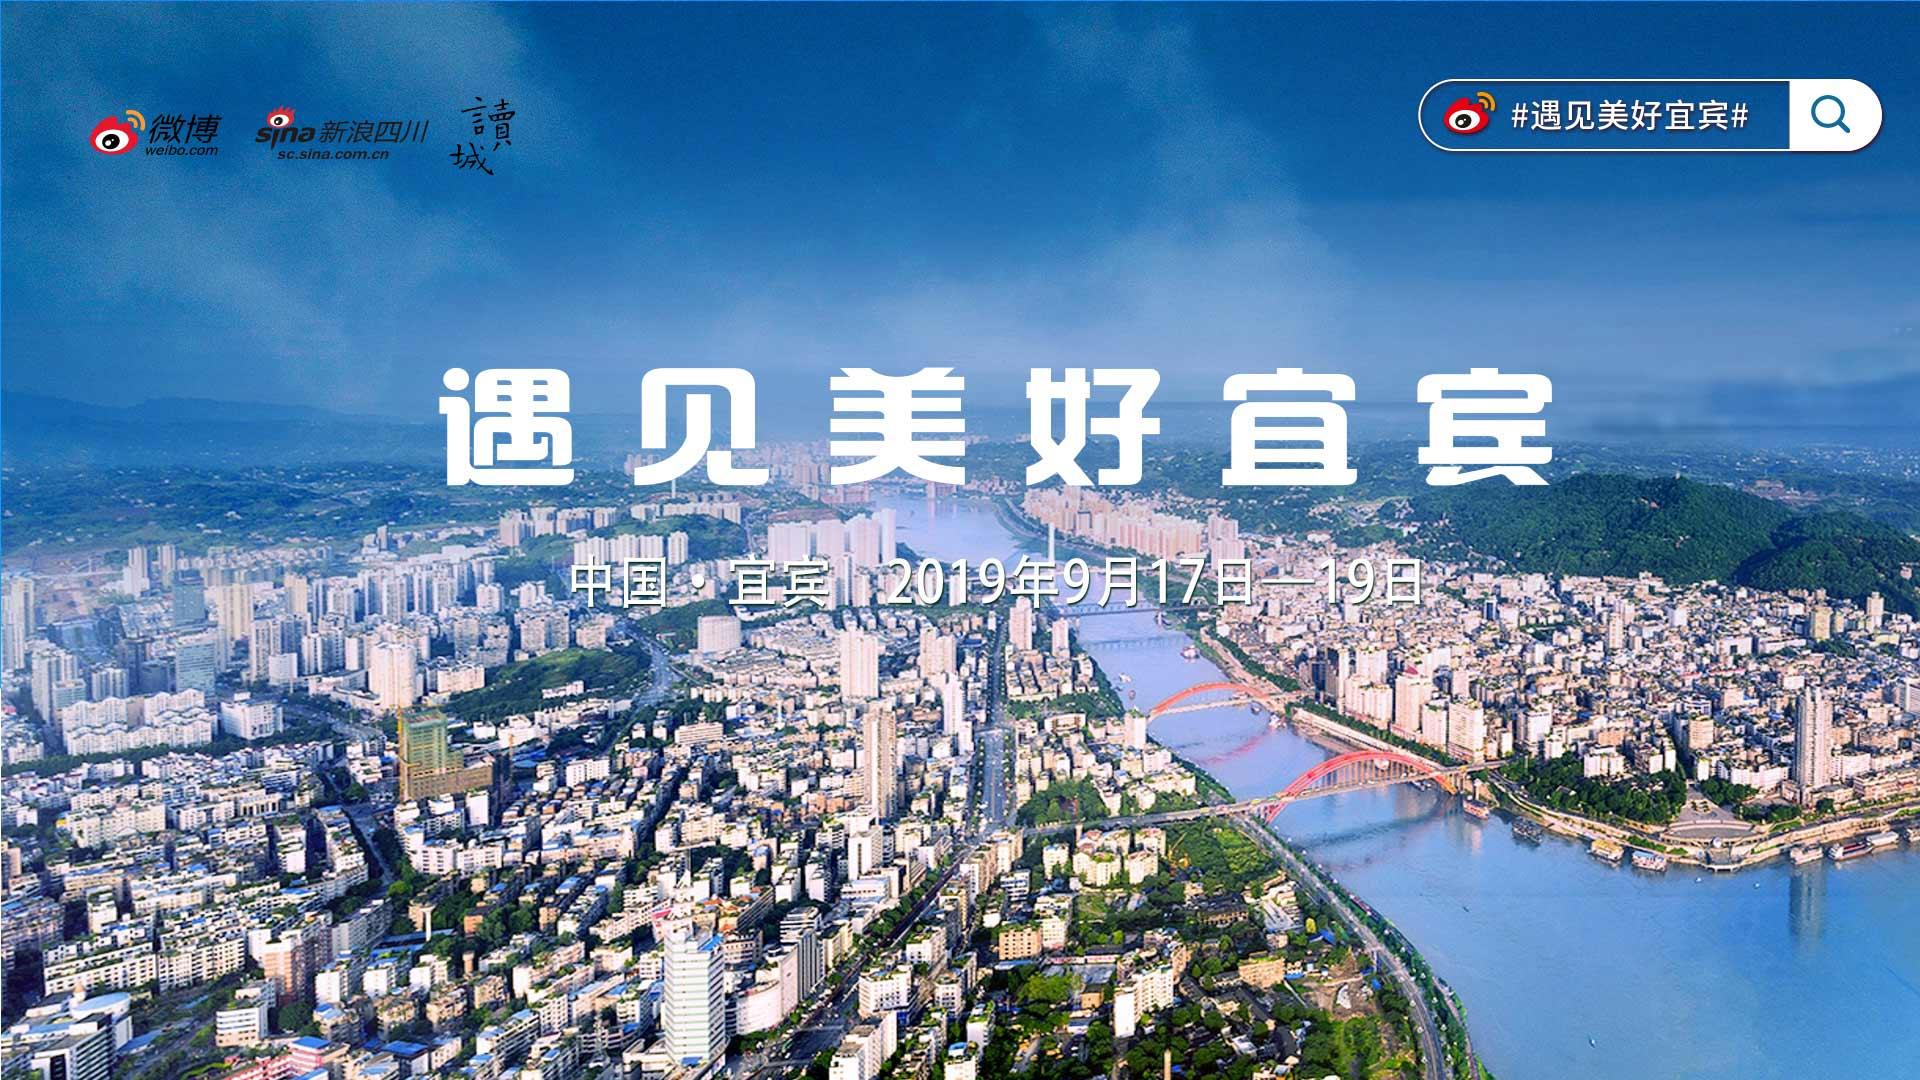 聚焦长江首城  遇见美好宜宾